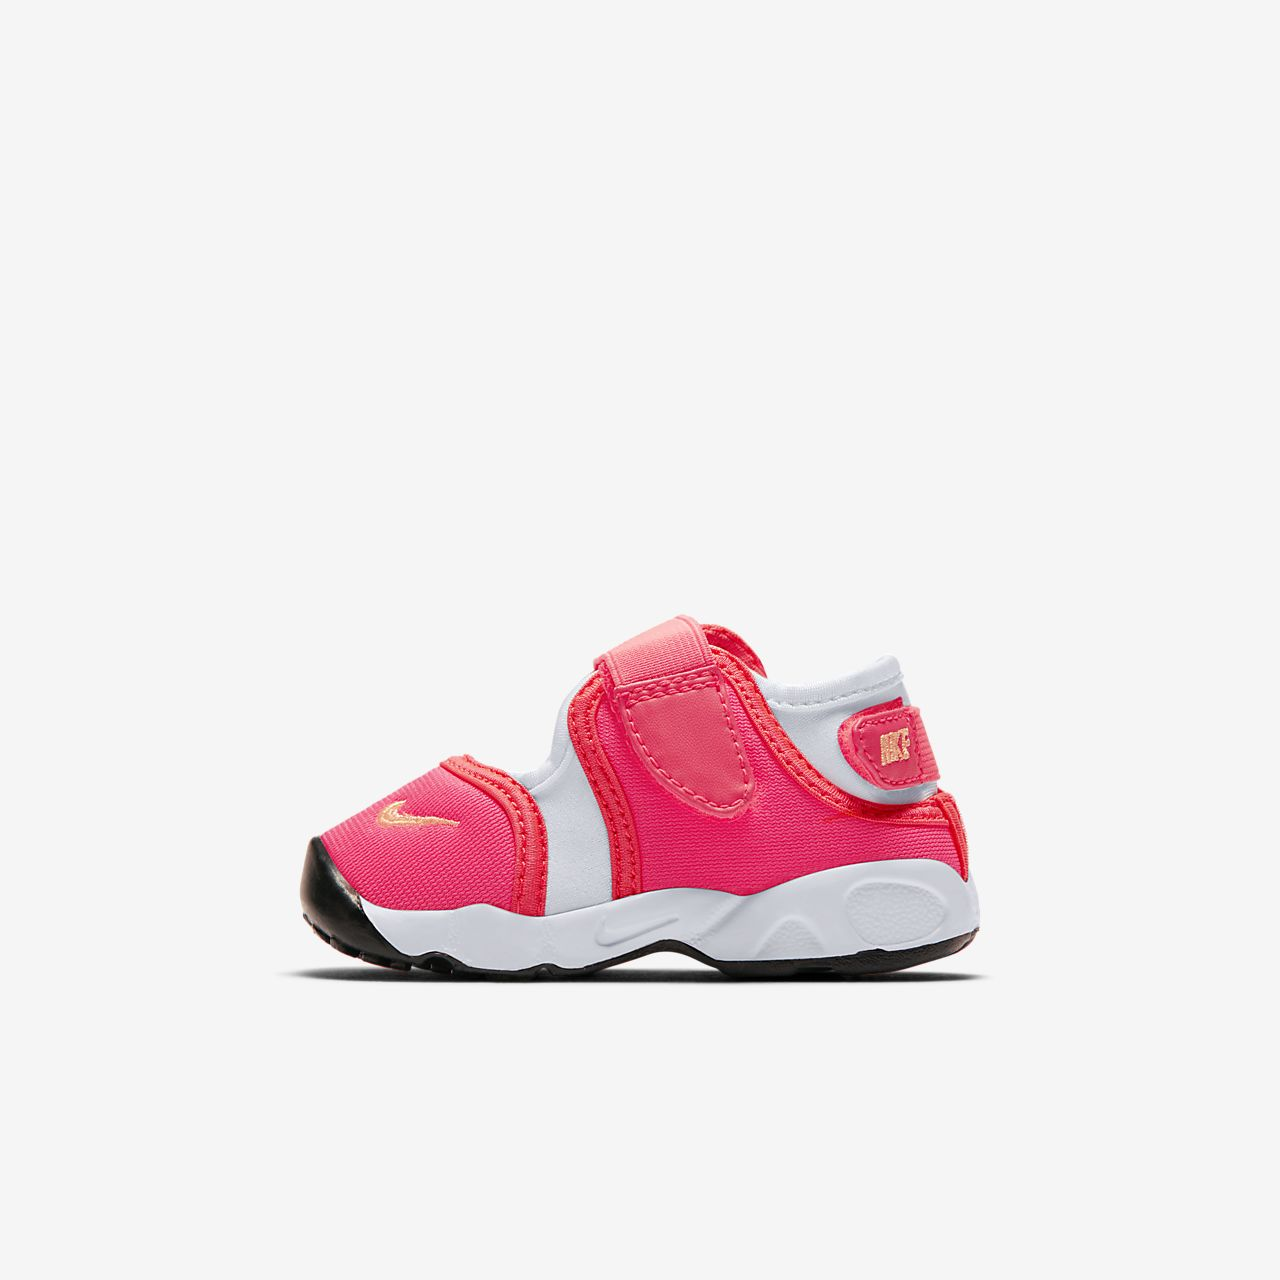 dernier couleurs et frappant mode designer Nike Little Rift Baby & Toddler Shoe